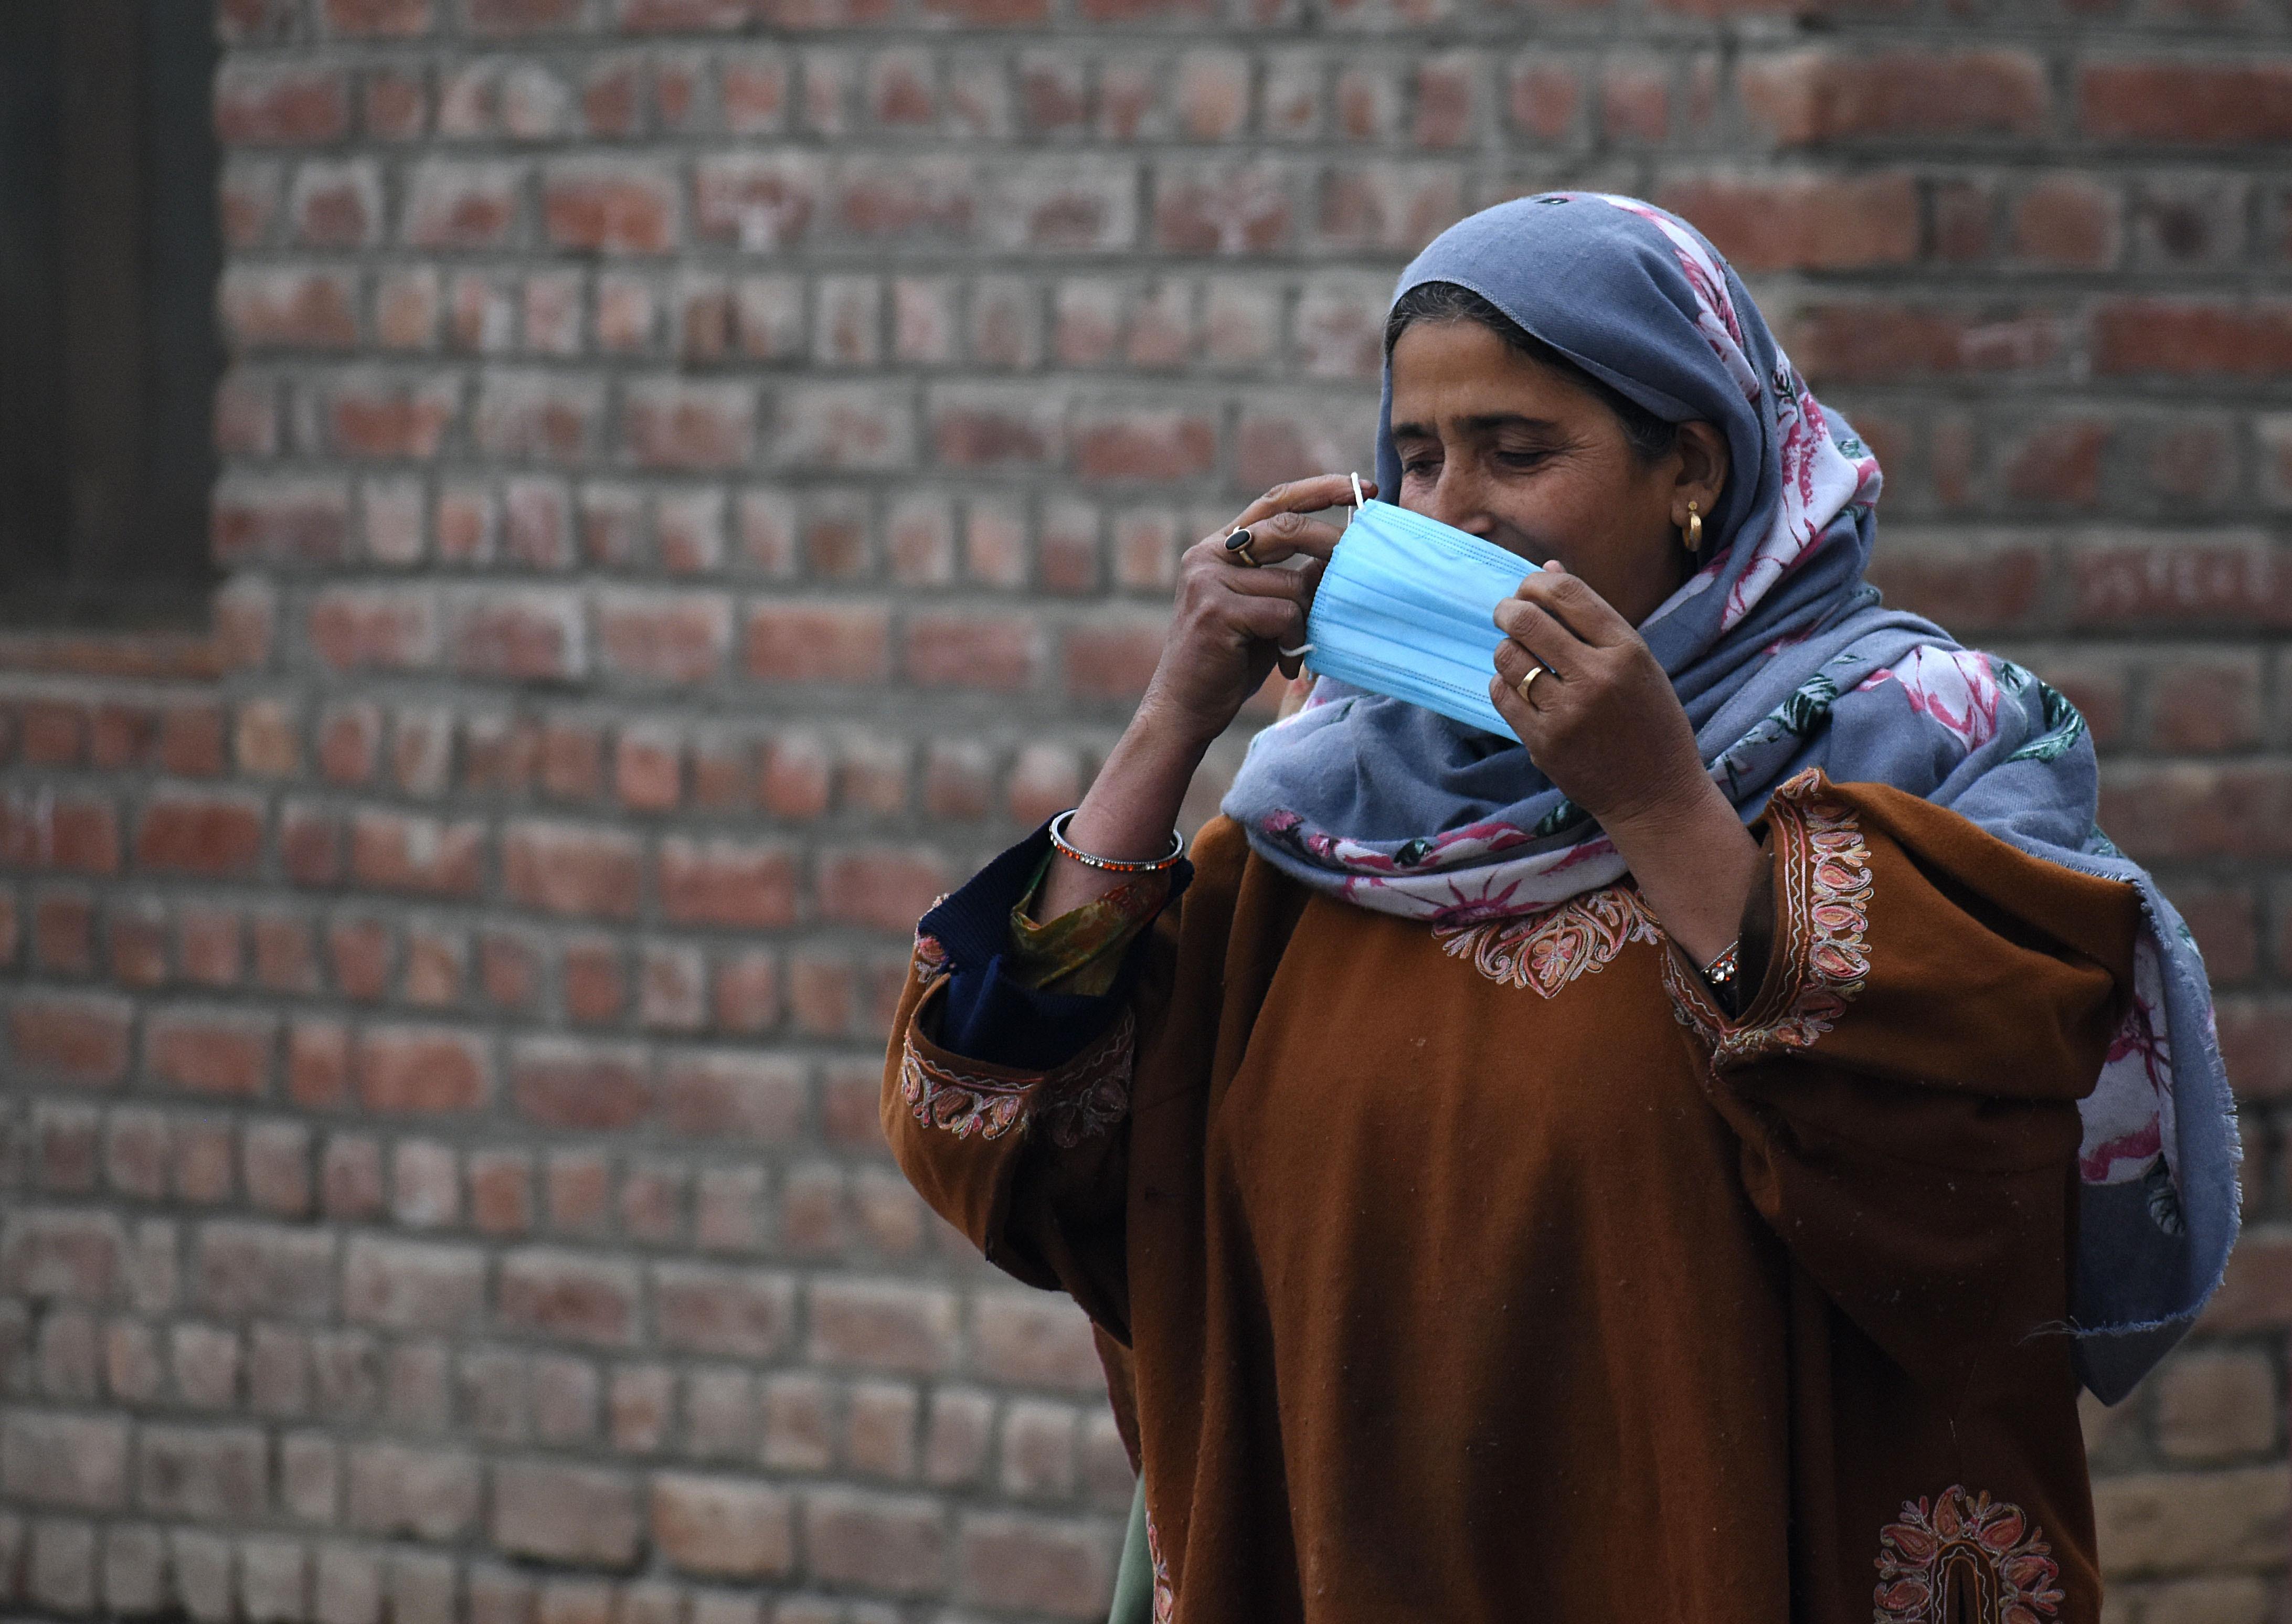 Nehézfémeket találtak az indiai városban tömegesen megbetegedett emberek vérképében